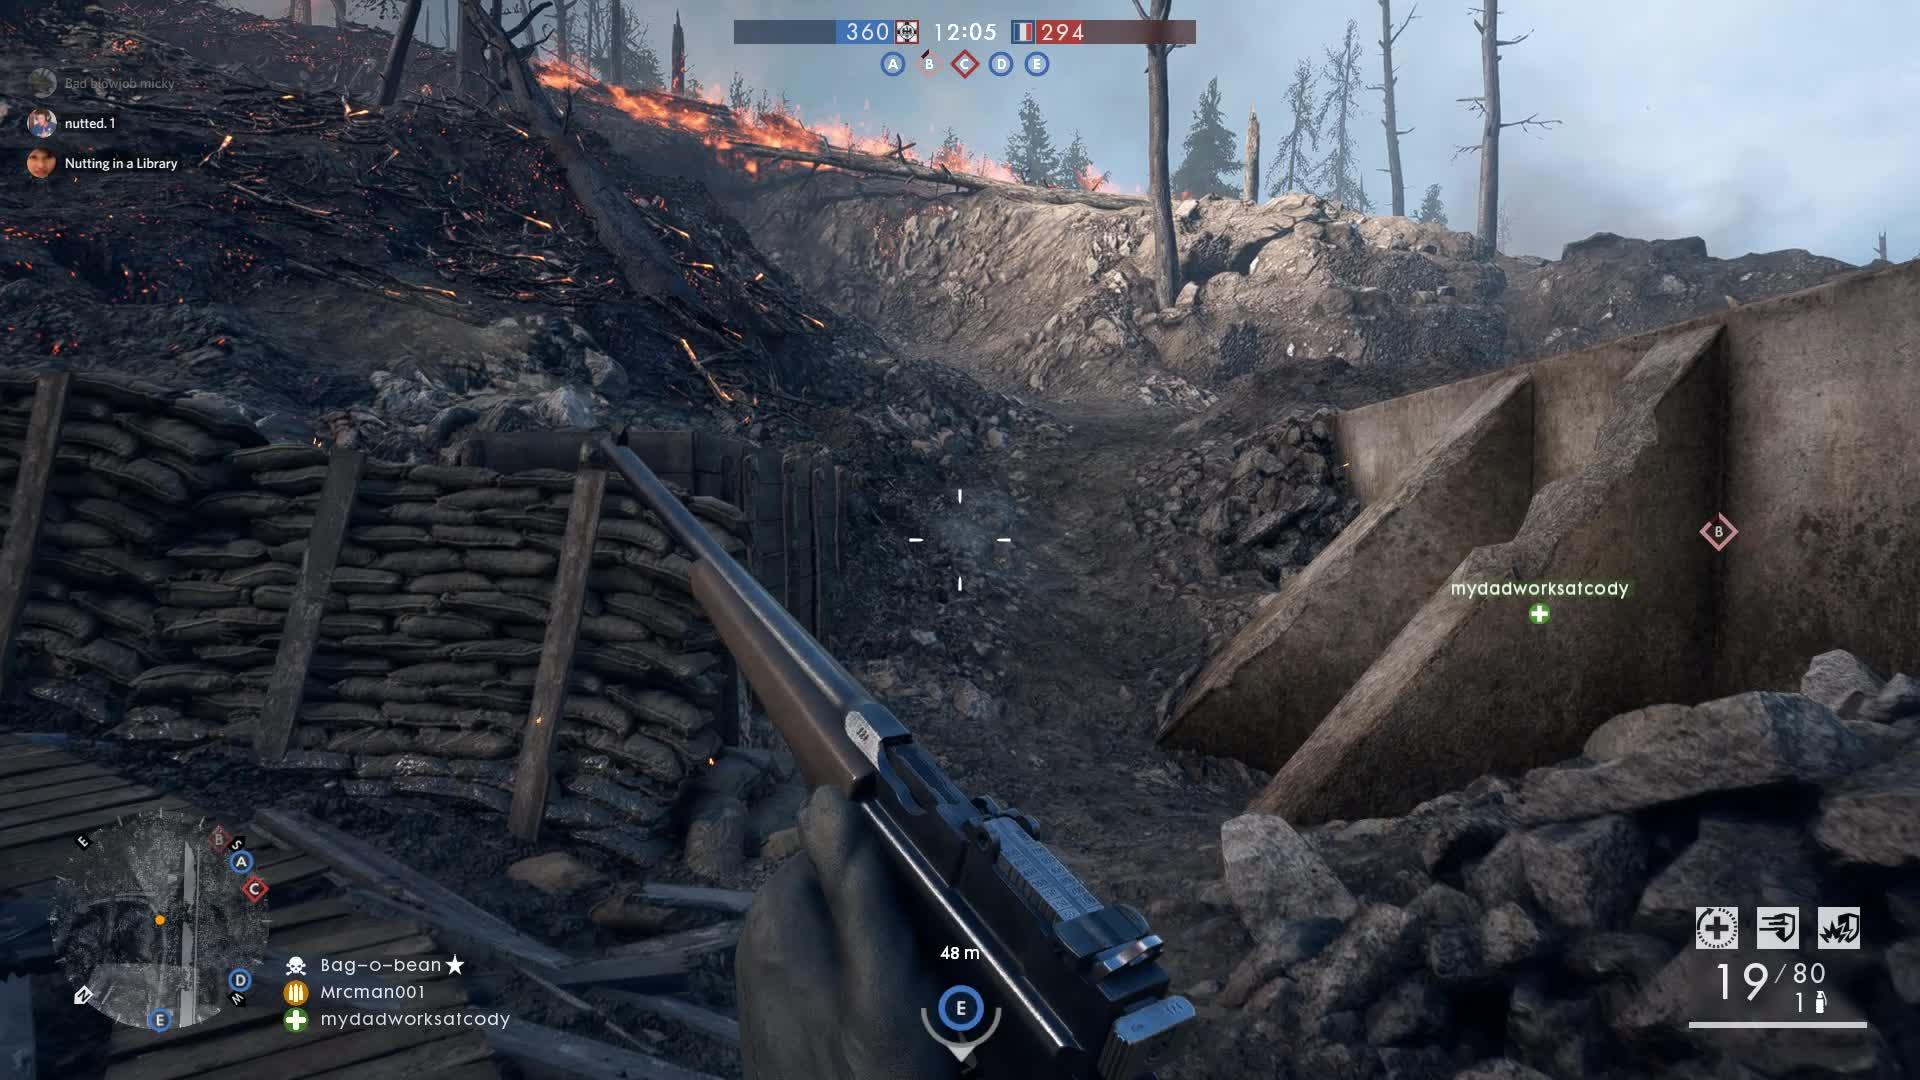 battlefield1, Battlefield 1 2018.11.28 - 21.46.09.15.DVR GIFs